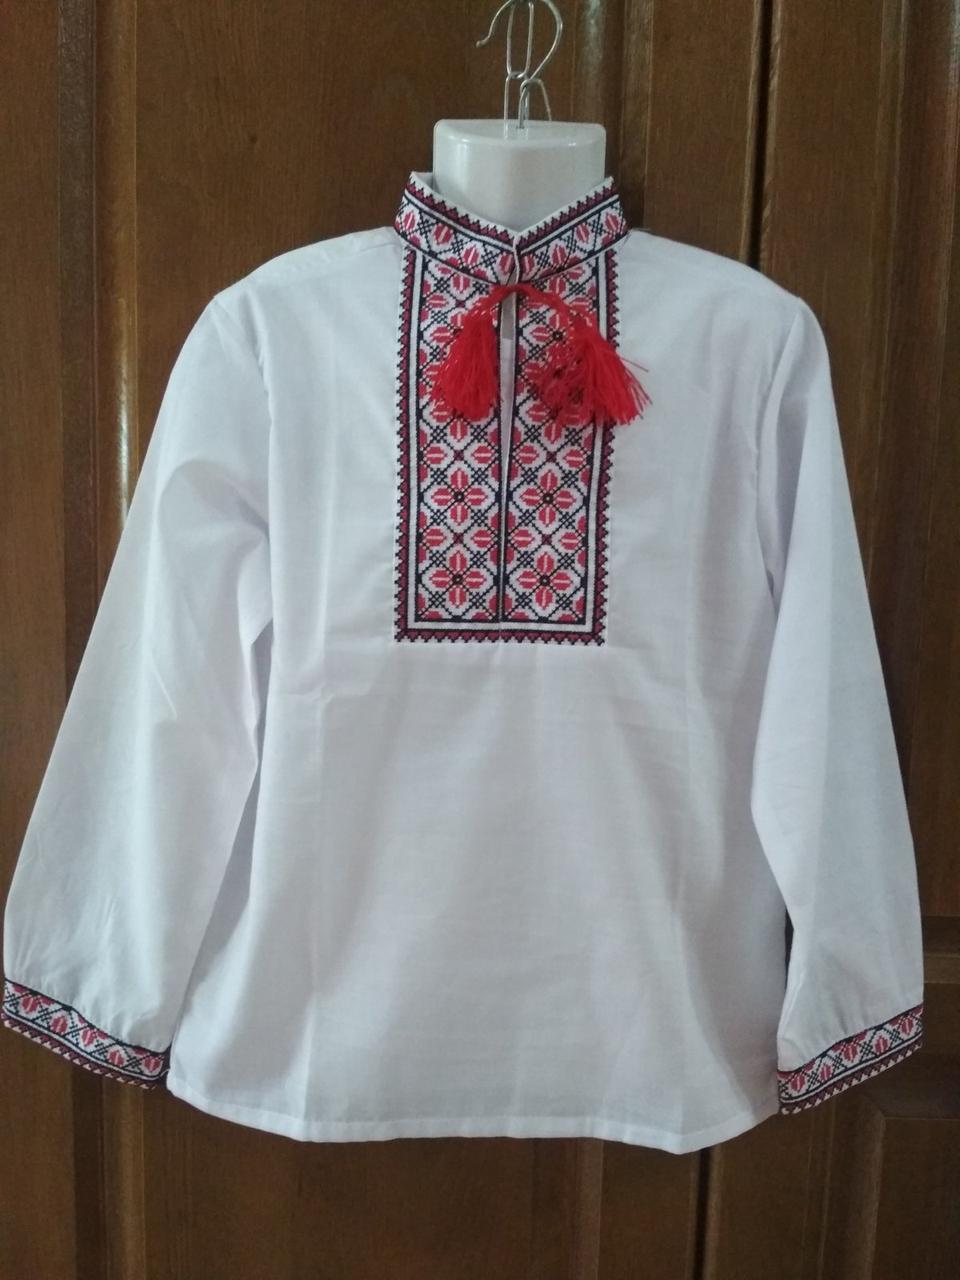 Вишиванка для хлопчика з червоно-чорною вишивкою зріст 134 см